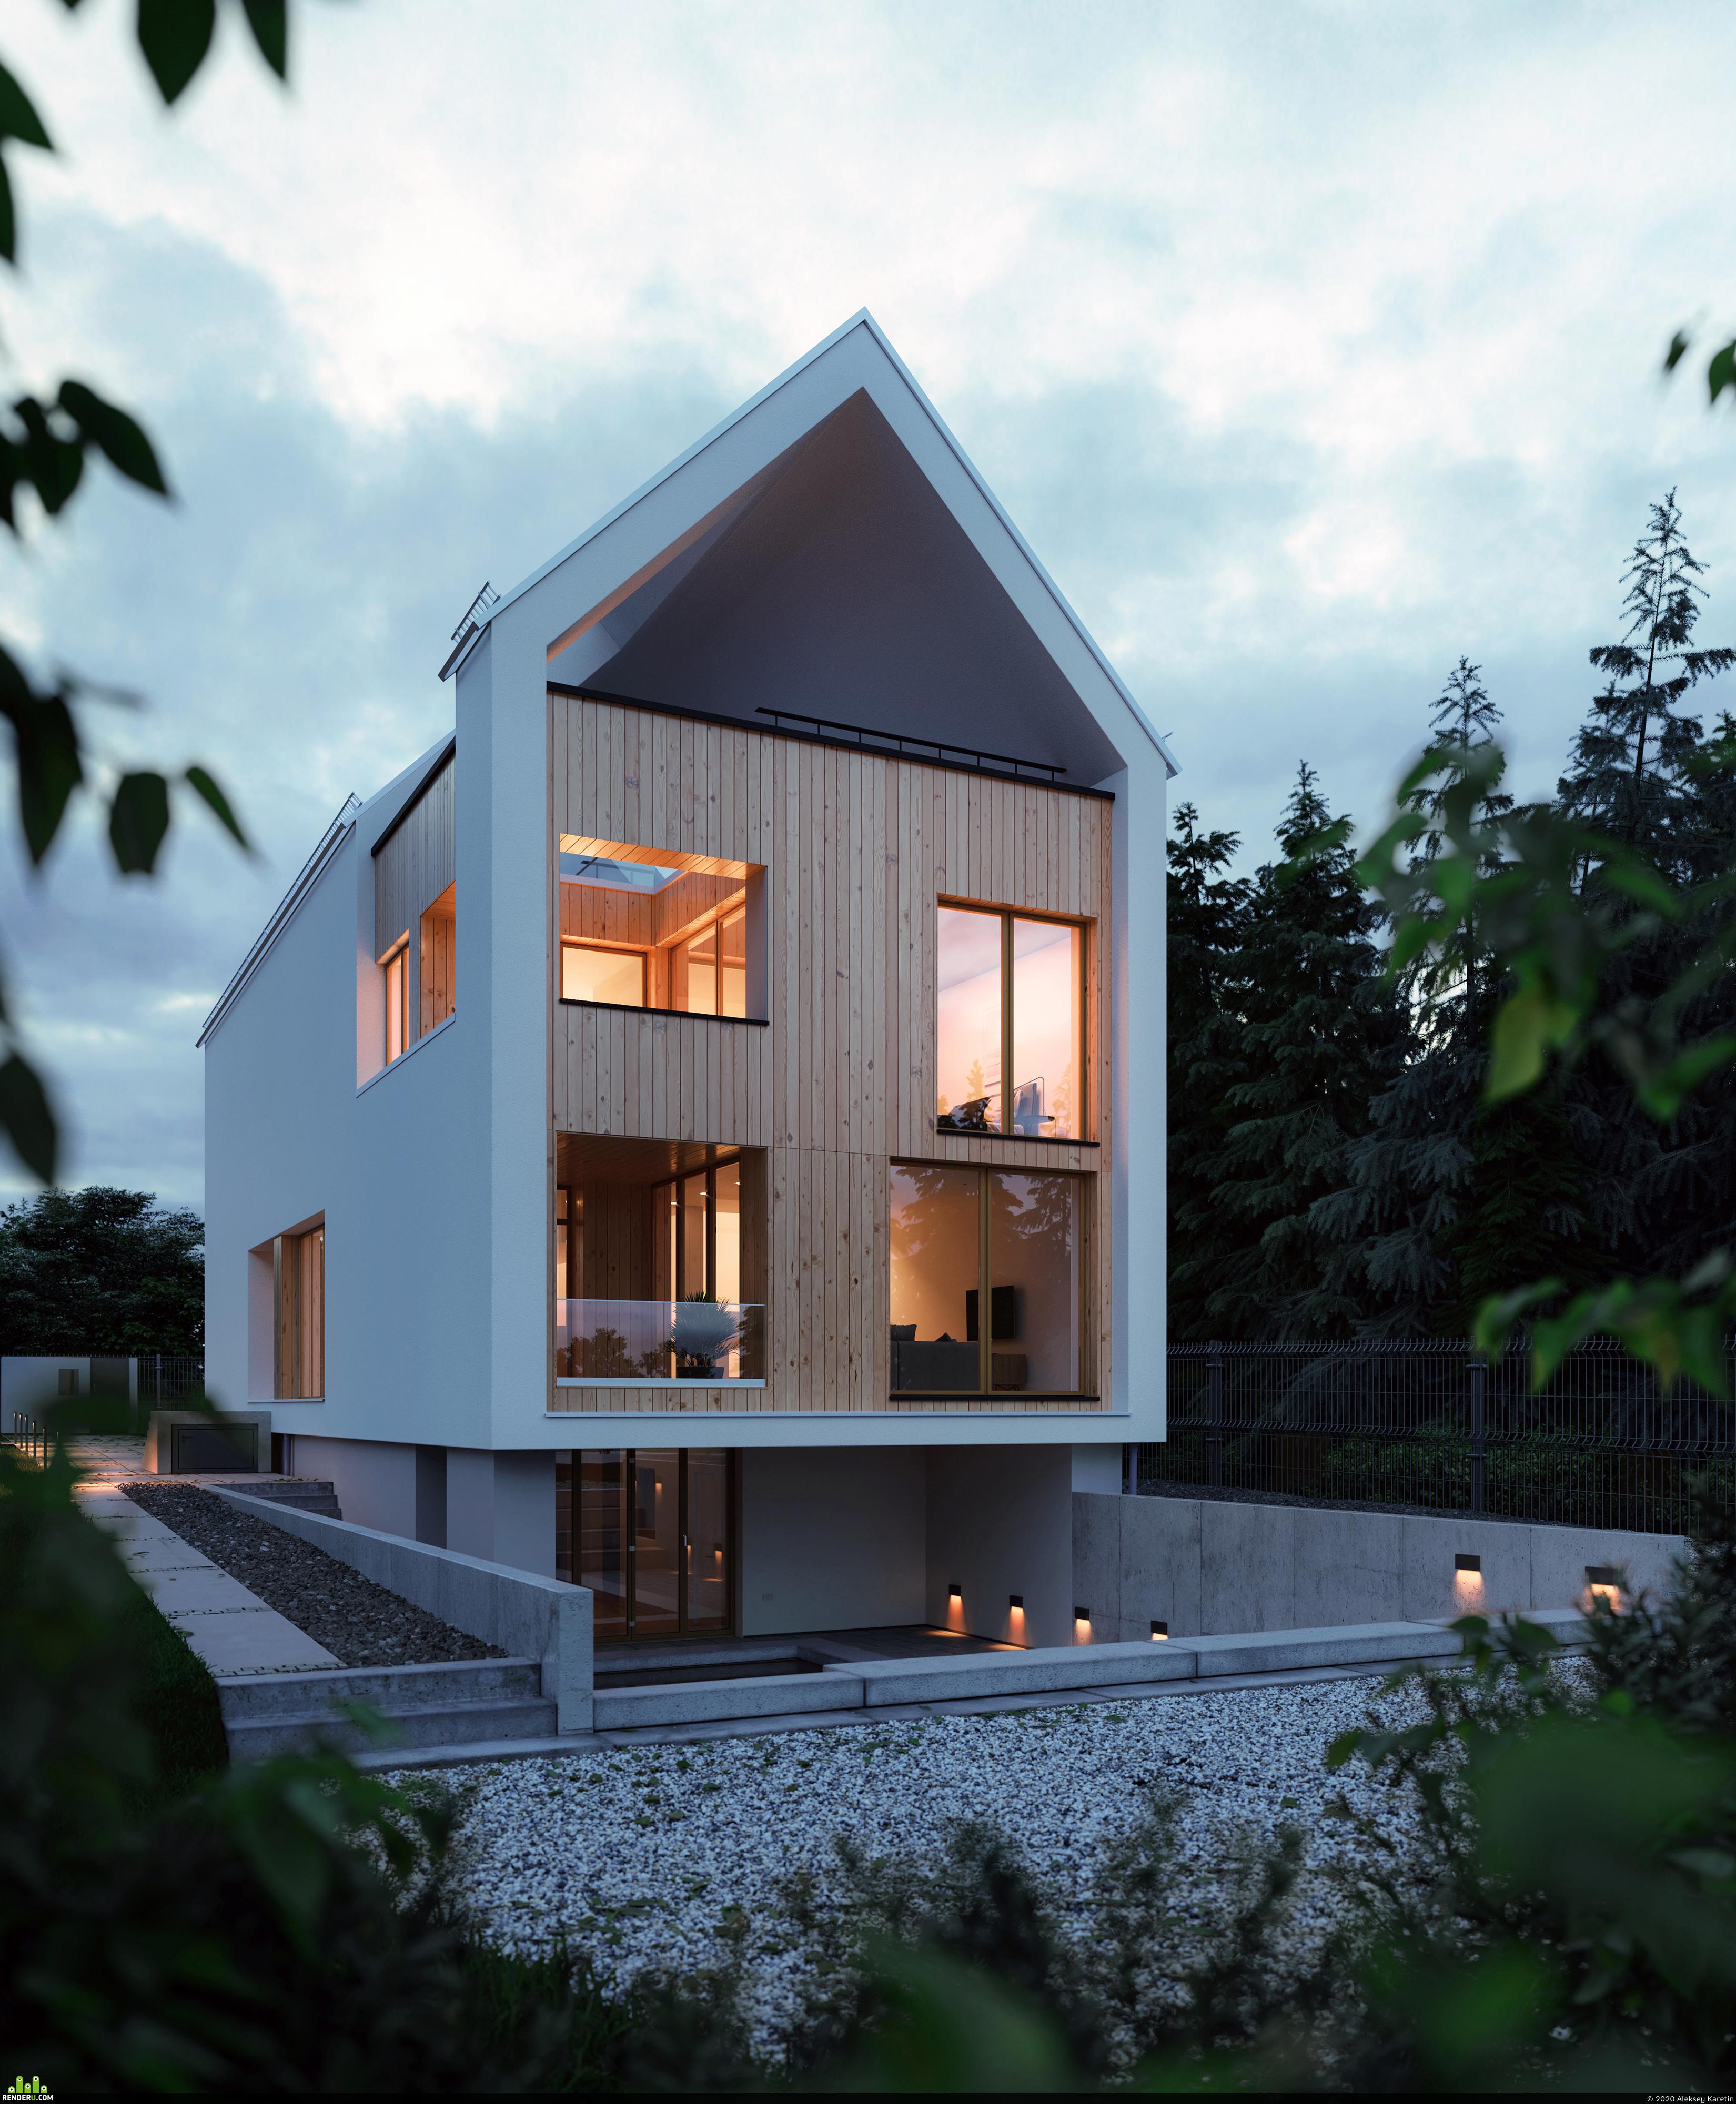 preview Жилой дом на улице Hainer Weg